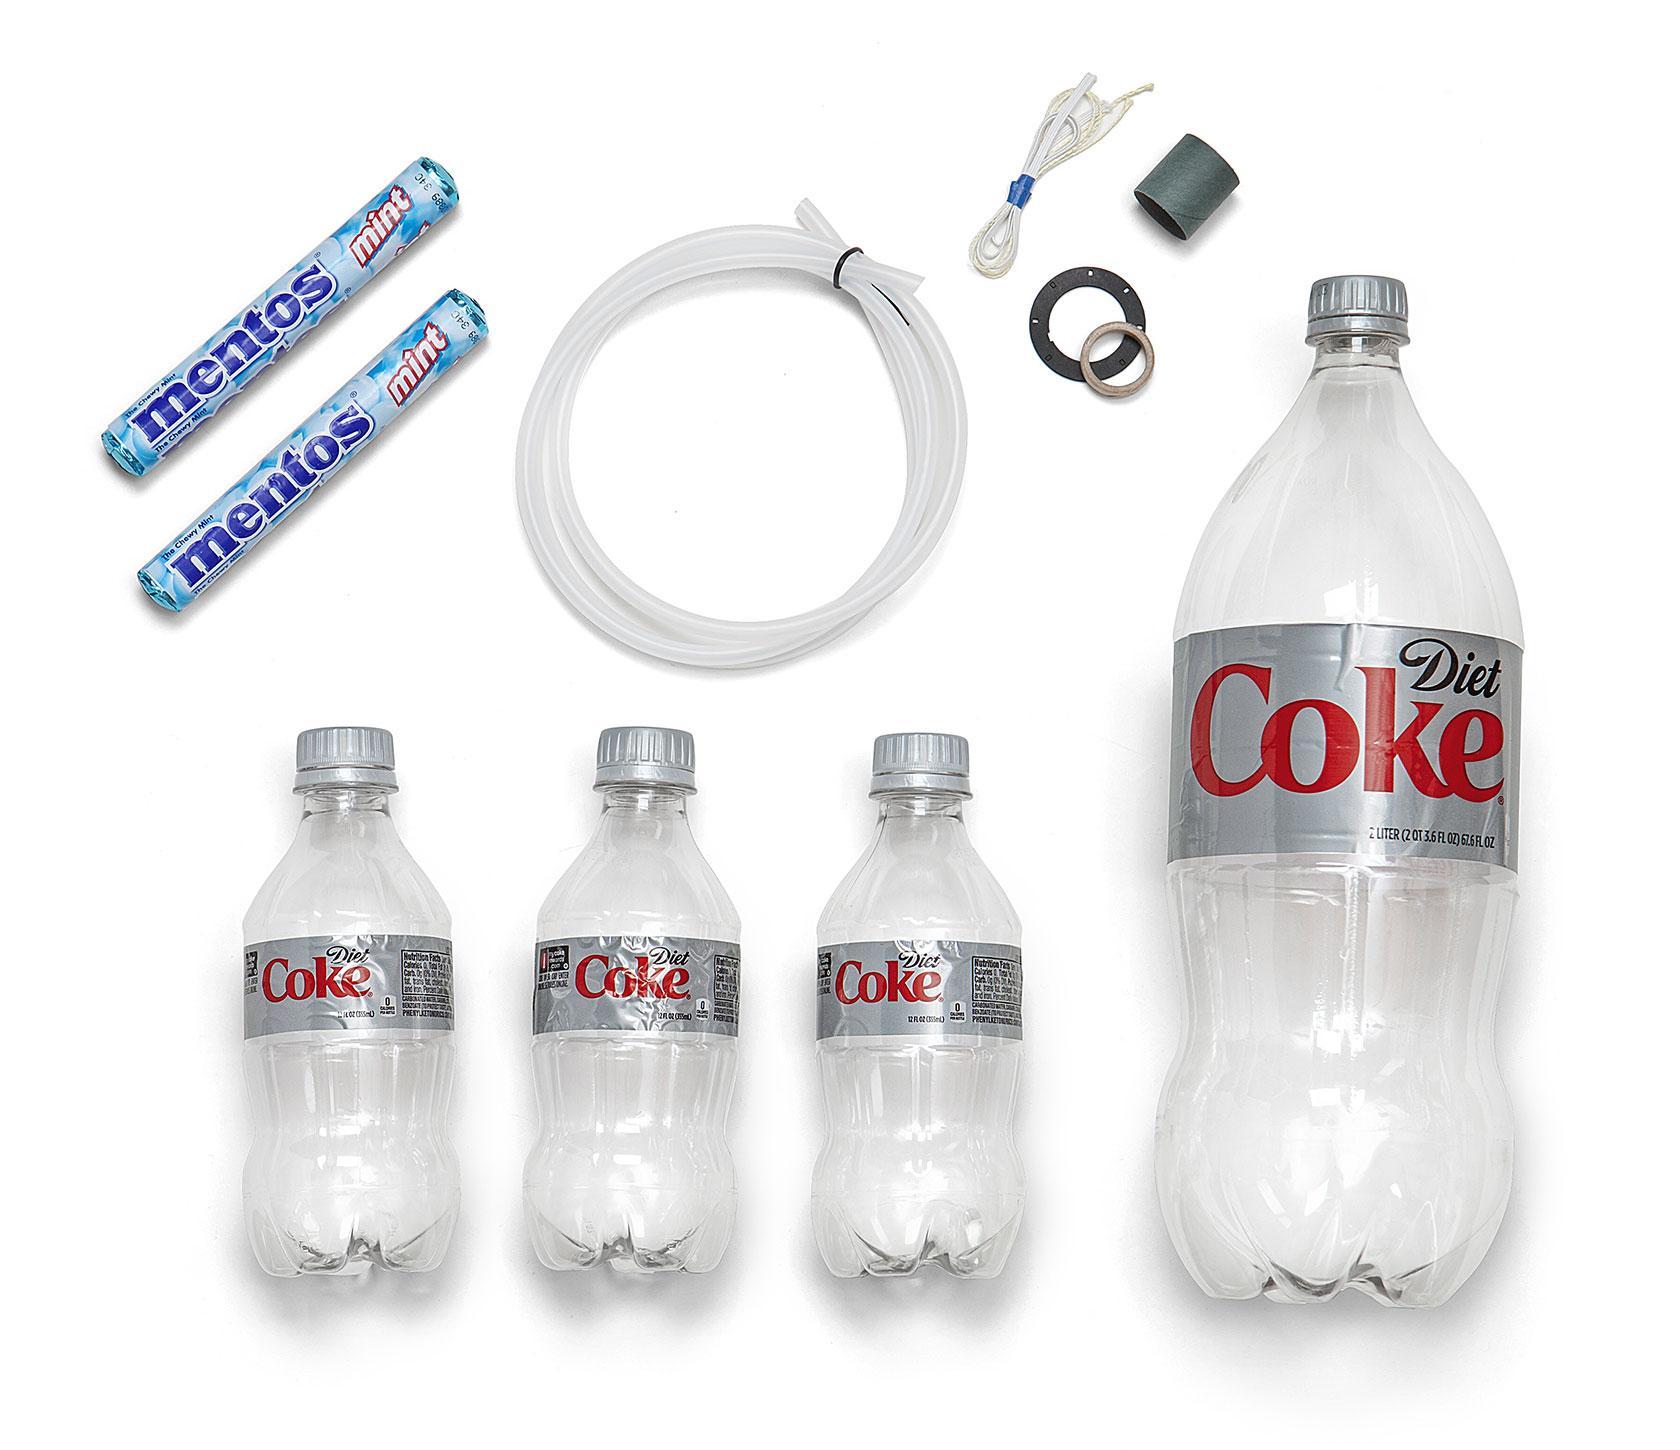 ivph_mentos_diet_coke_rocket_parts-pr